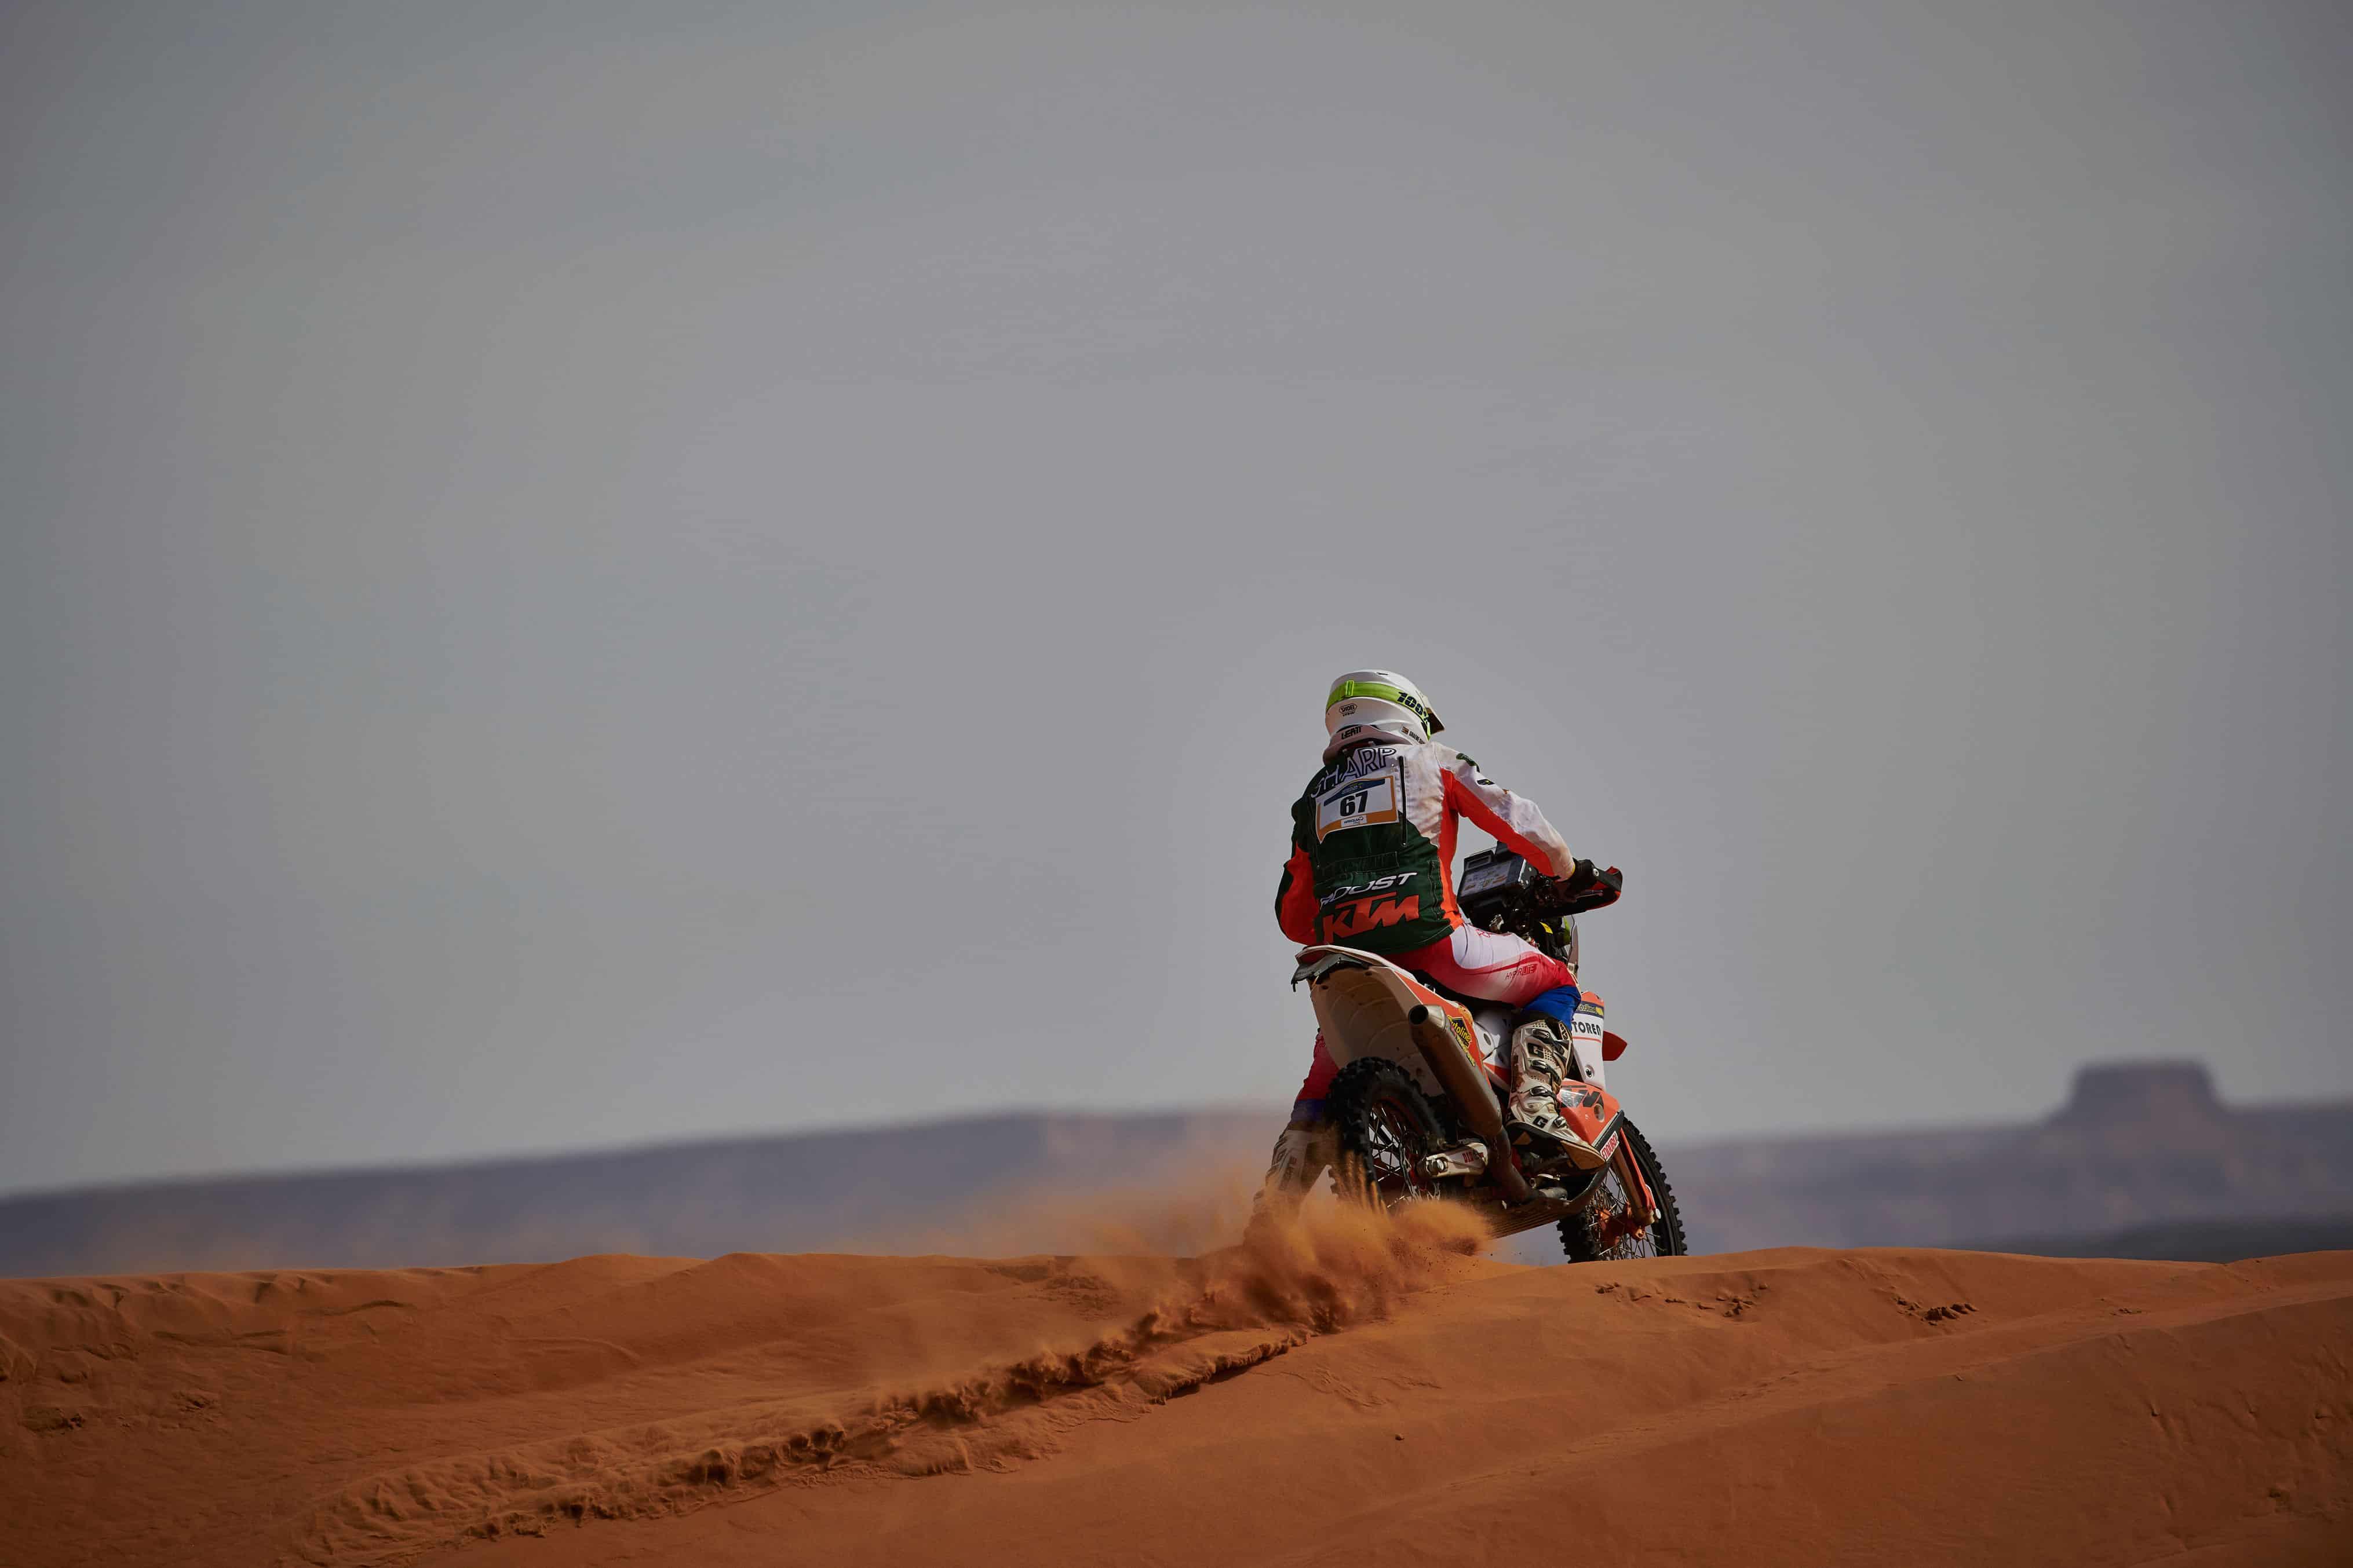 Dakar Rally 2020 Zimbabwean